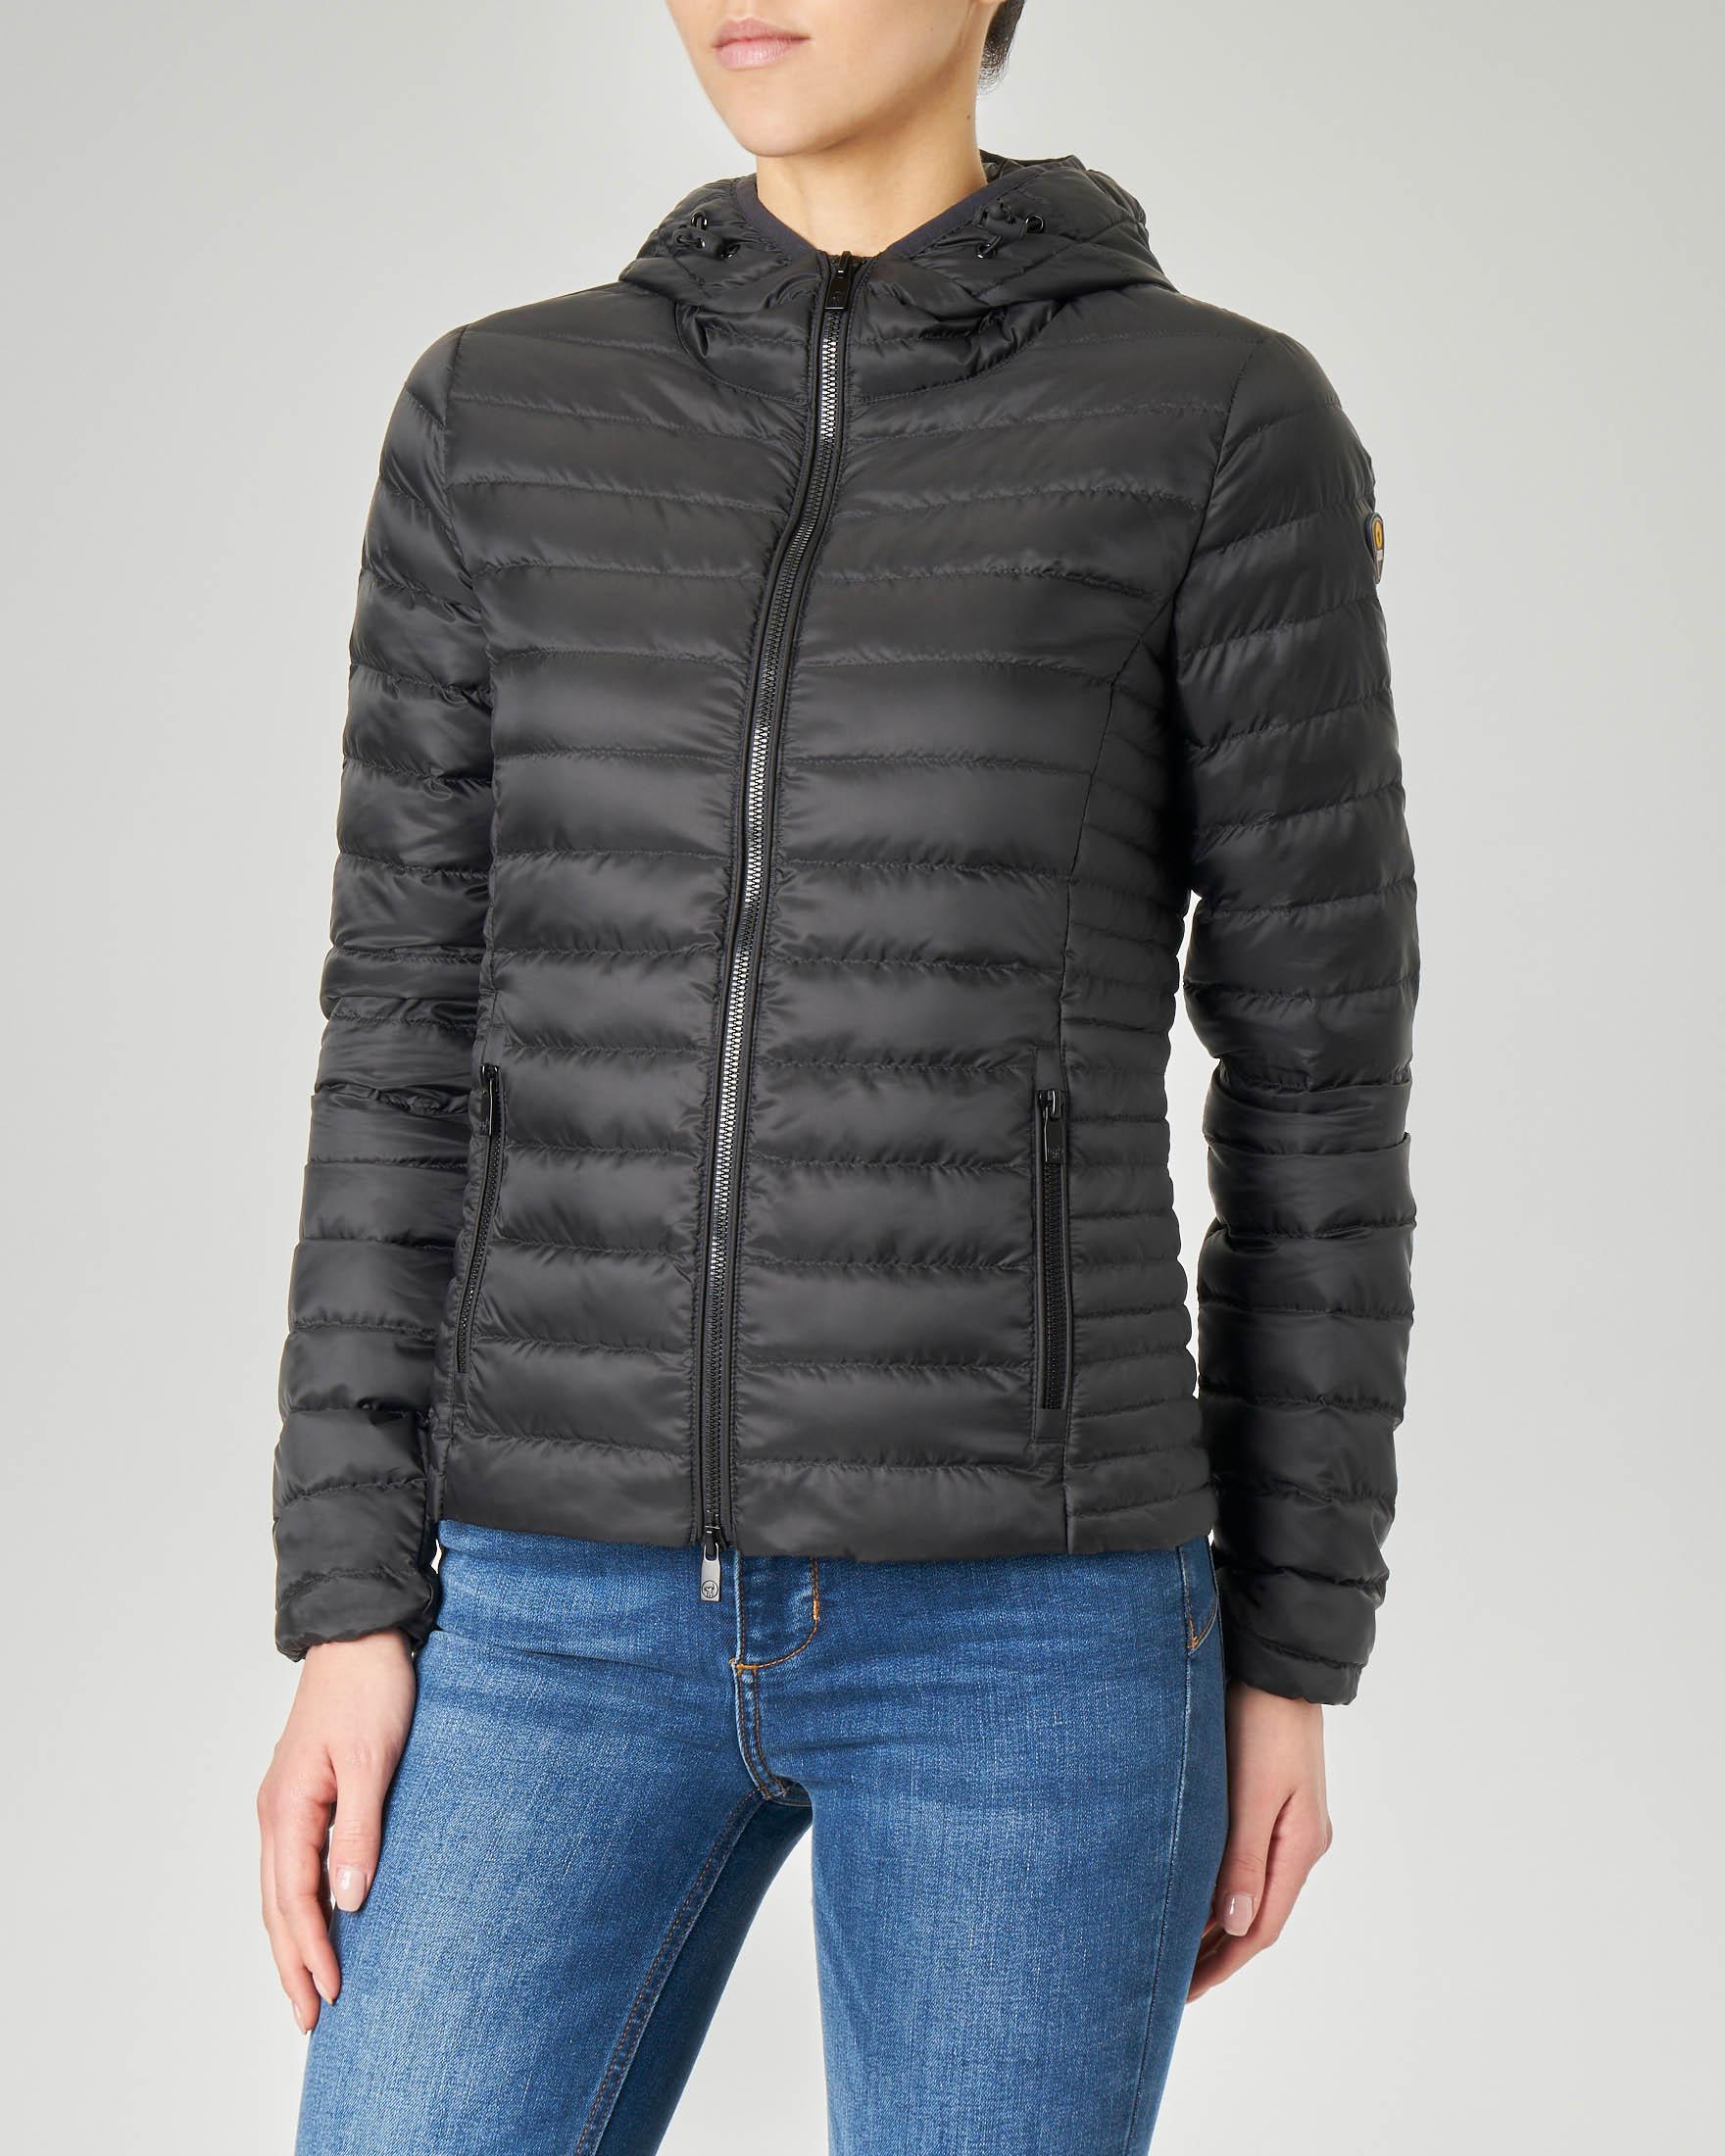 Piumino leggero con cappuccio colore nero e tessuto effetto opaco